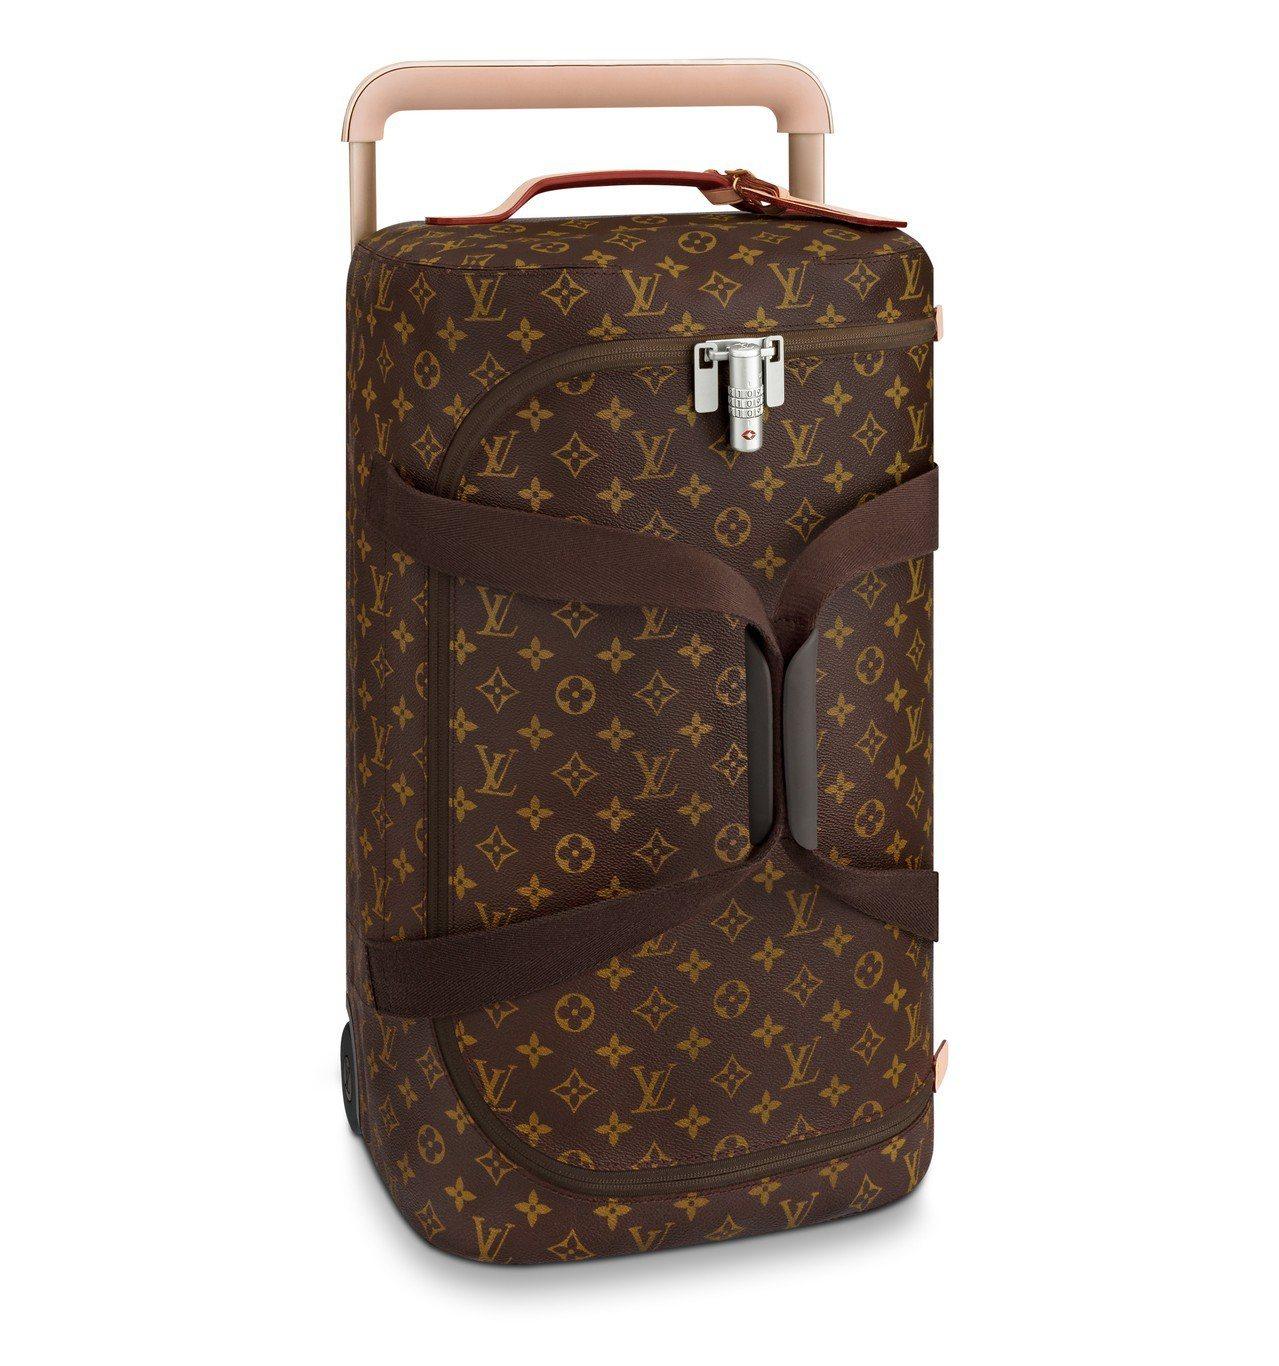 圓筒行李袋(大),售價10萬4,000元。圖/LV提供